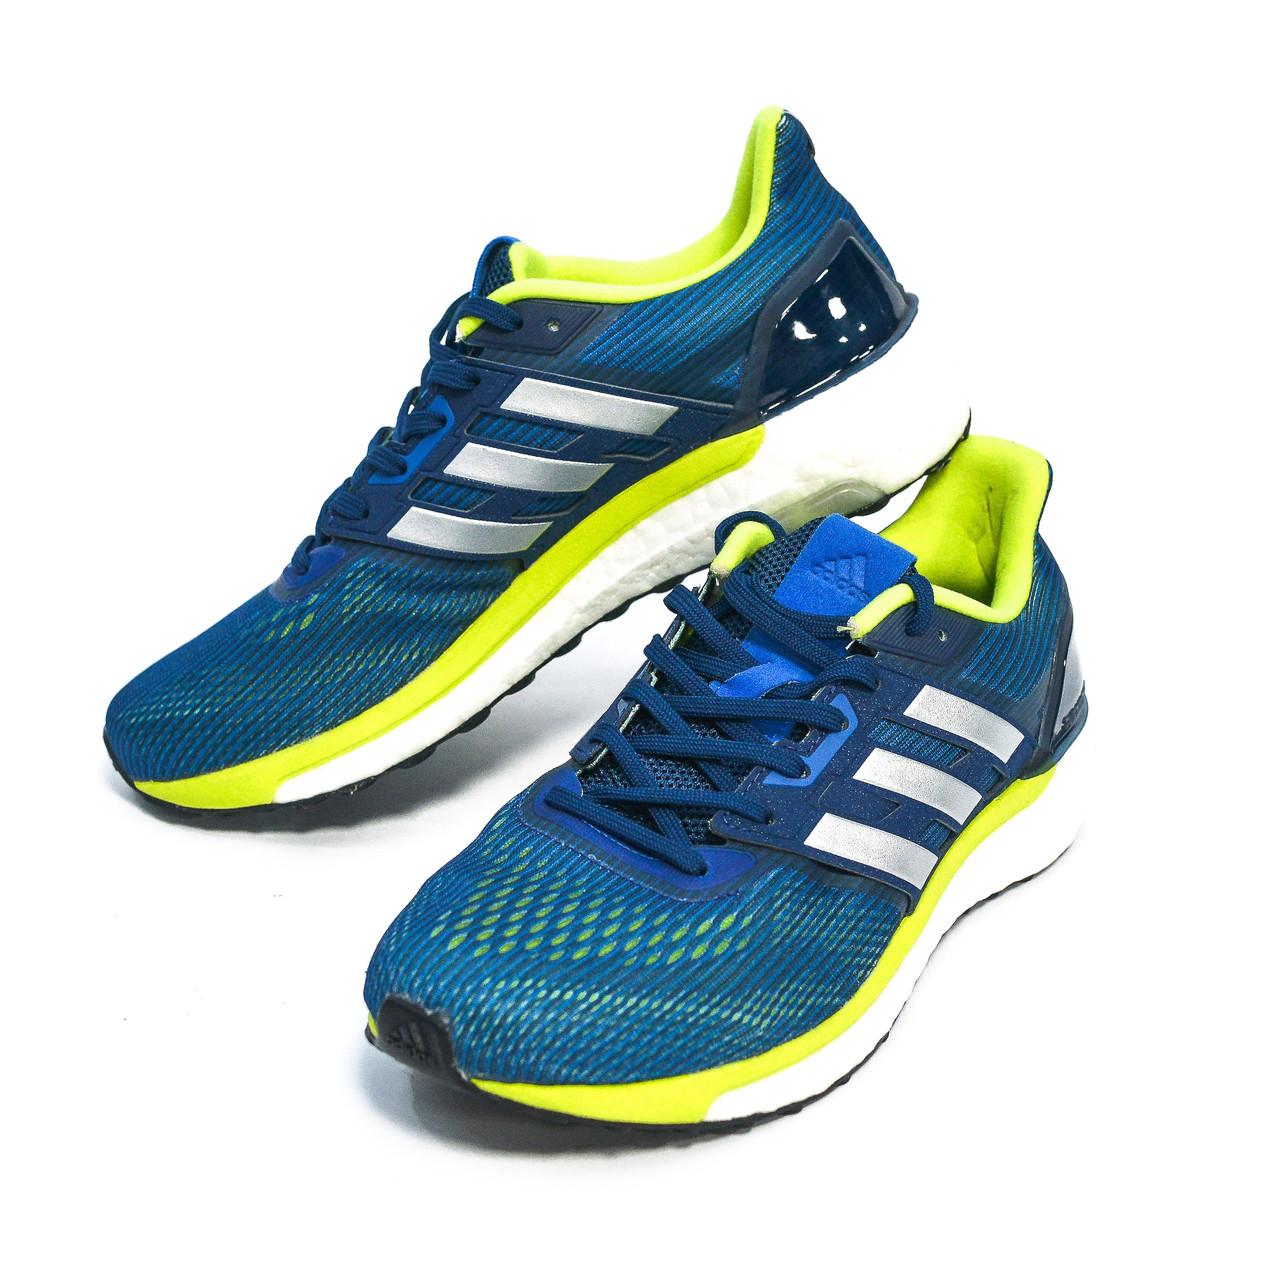 Оригинальные мужские кроссовки для бега Adidas Supernova